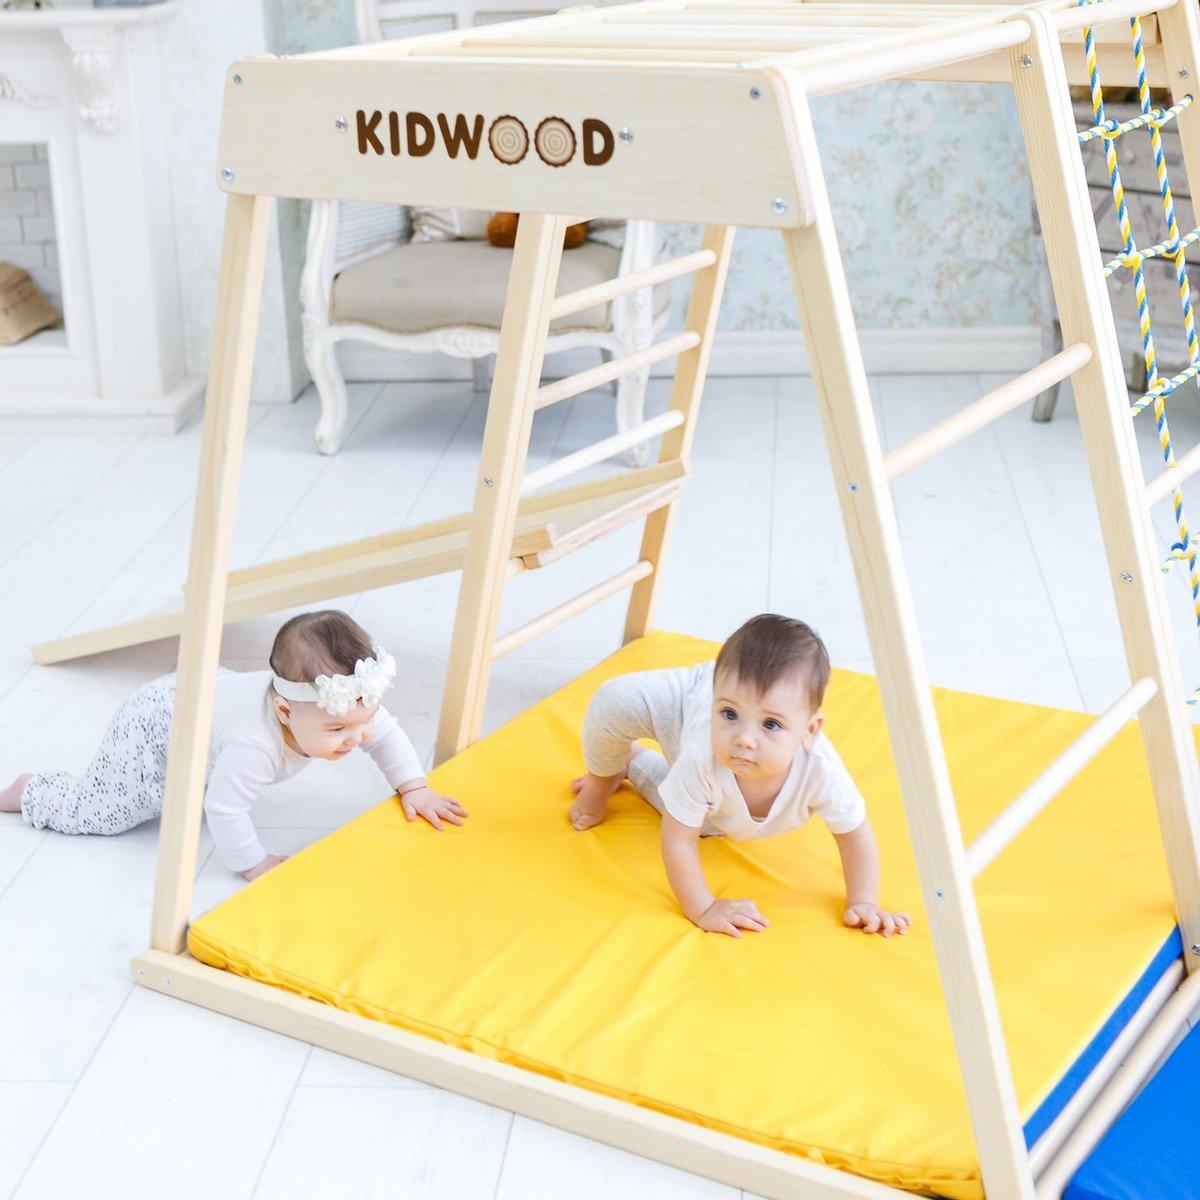 Full Size of 1 Kidwood Klettergerst Segel Game Set Aus Holz Fr Indoor Klettergerüst Garten Wohnzimmer Kidwood Klettergerüst